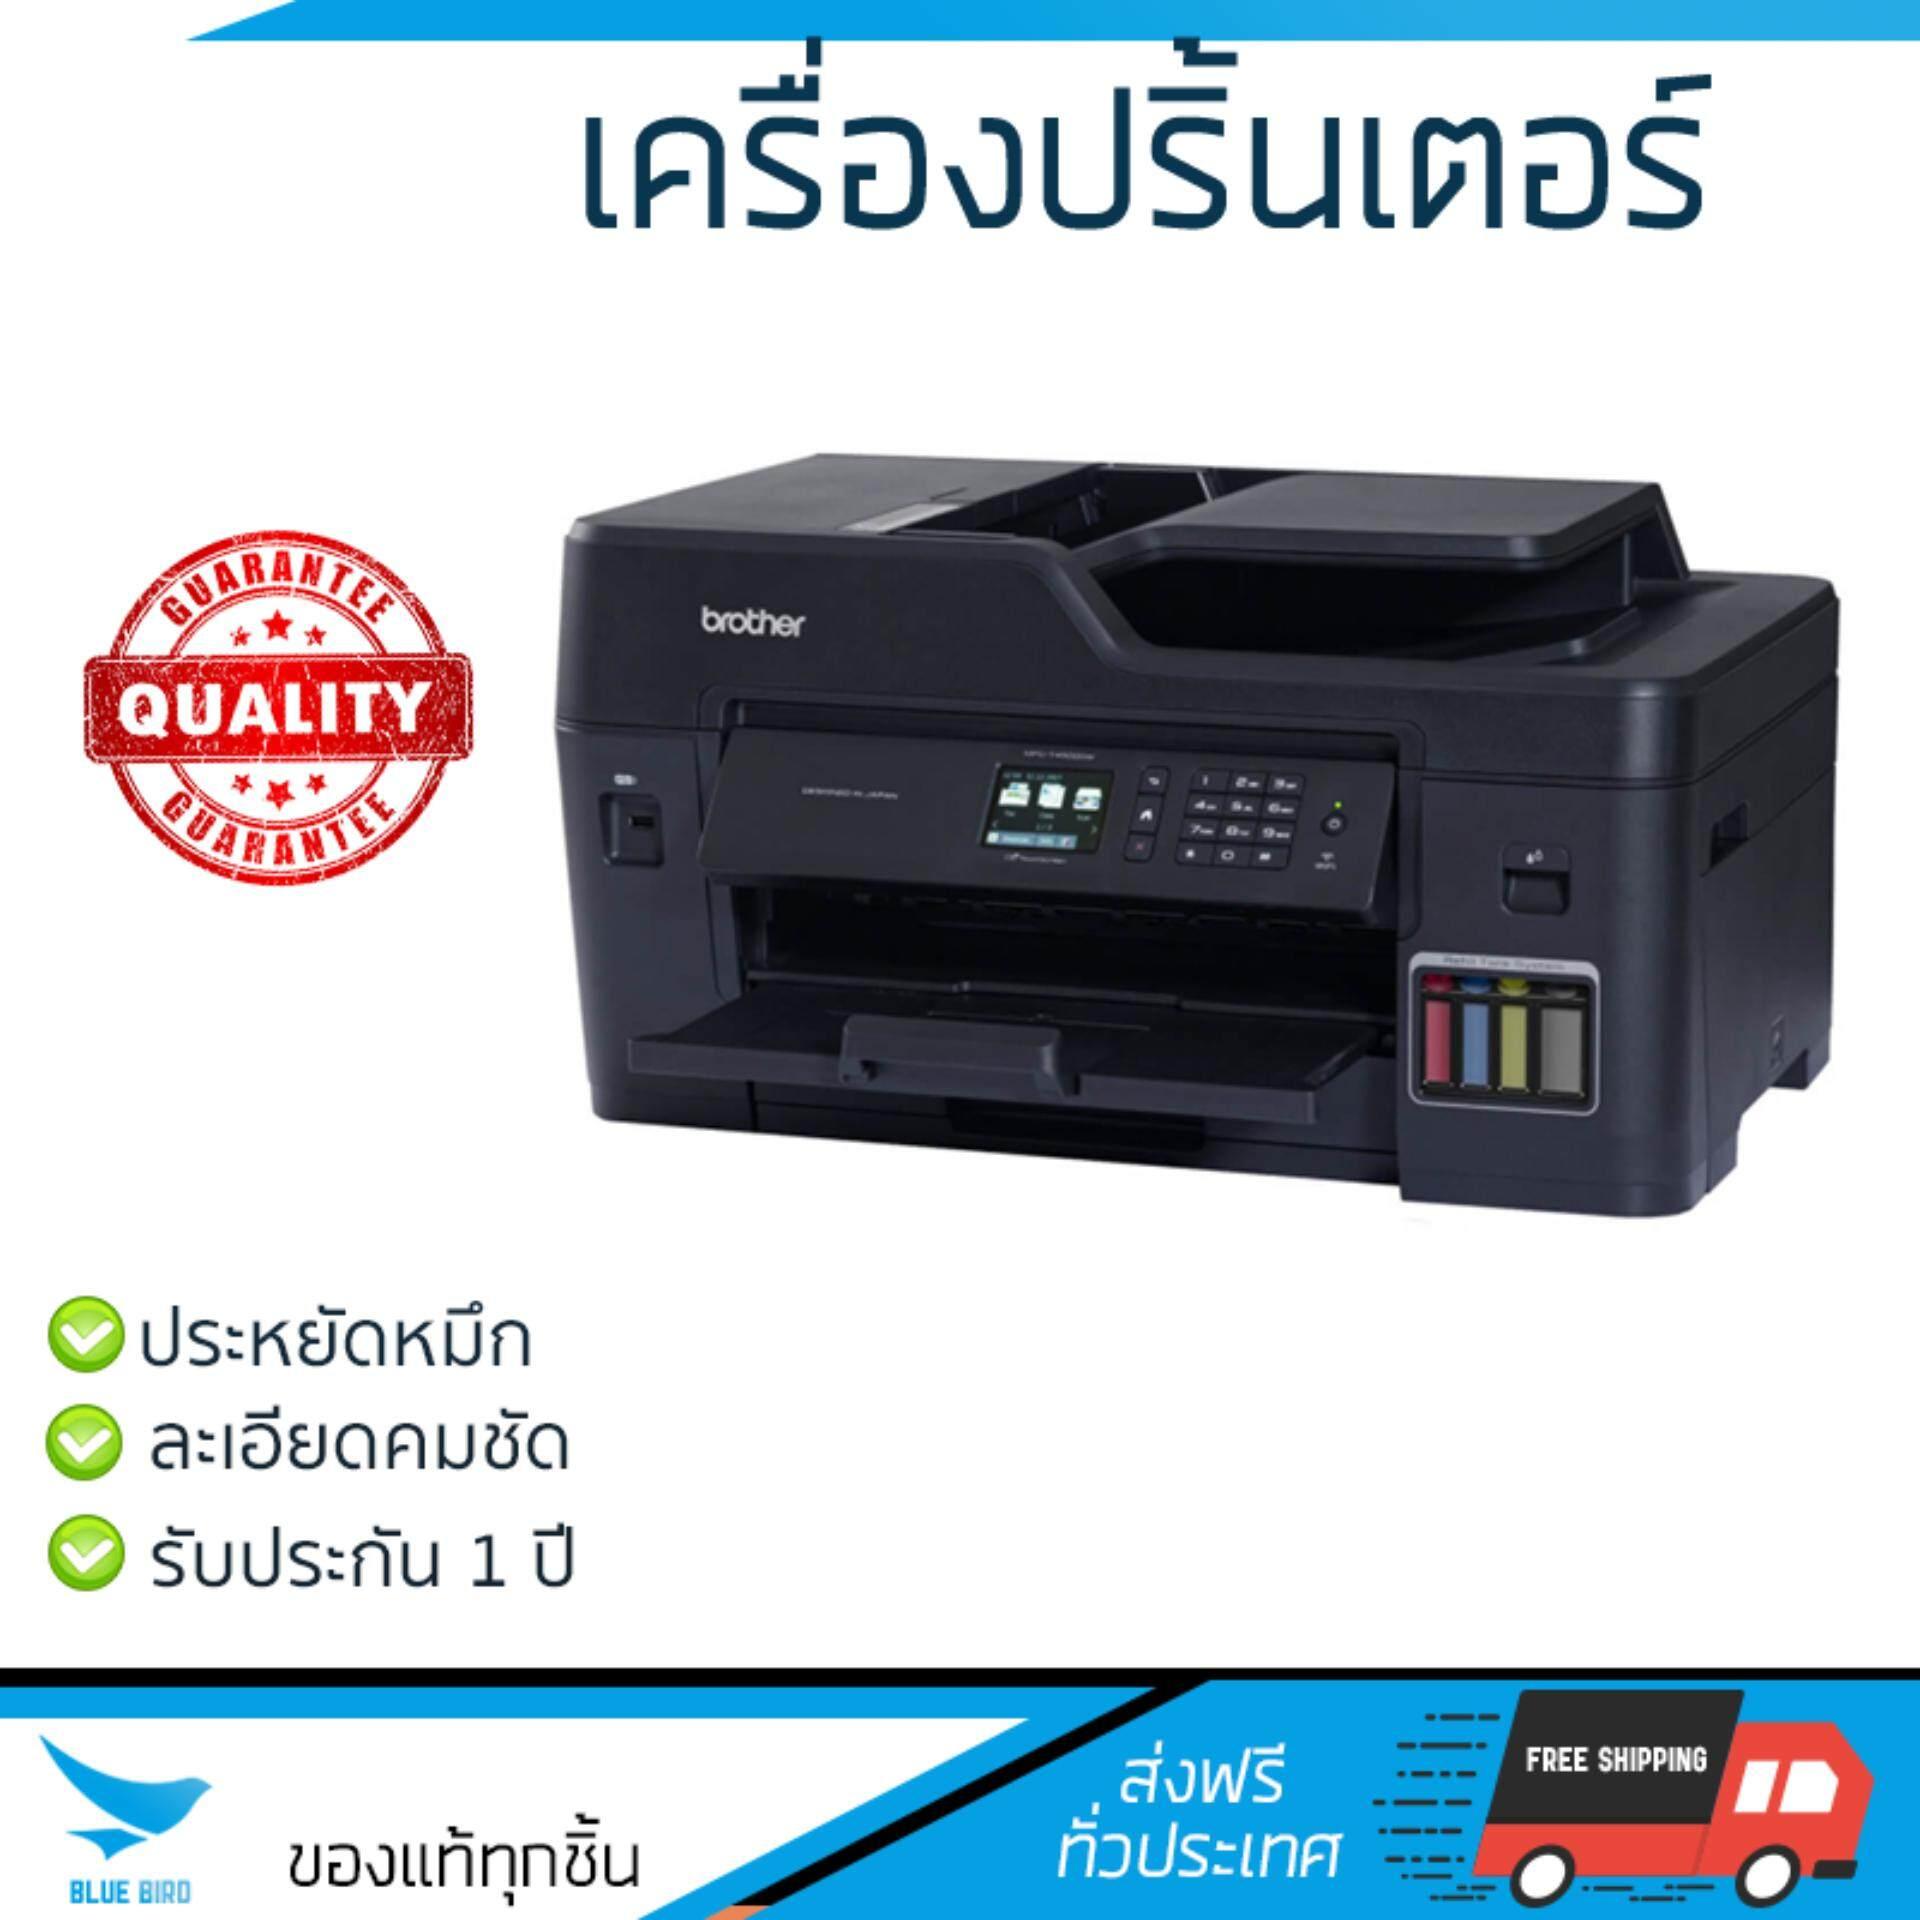 สุดยอดสินค้า!! โปรโมชัน เครื่องพิมพ์           BROTHER ออลอินวัน ปริ้นเตอร์ รุ่น MFC-T4500DW             ความละเอียดสูง คมชัด ประหยัดหมึก เครื่องปริ้น เครื่องปริ้นท์ All in one Printer รับประกันสินค้า